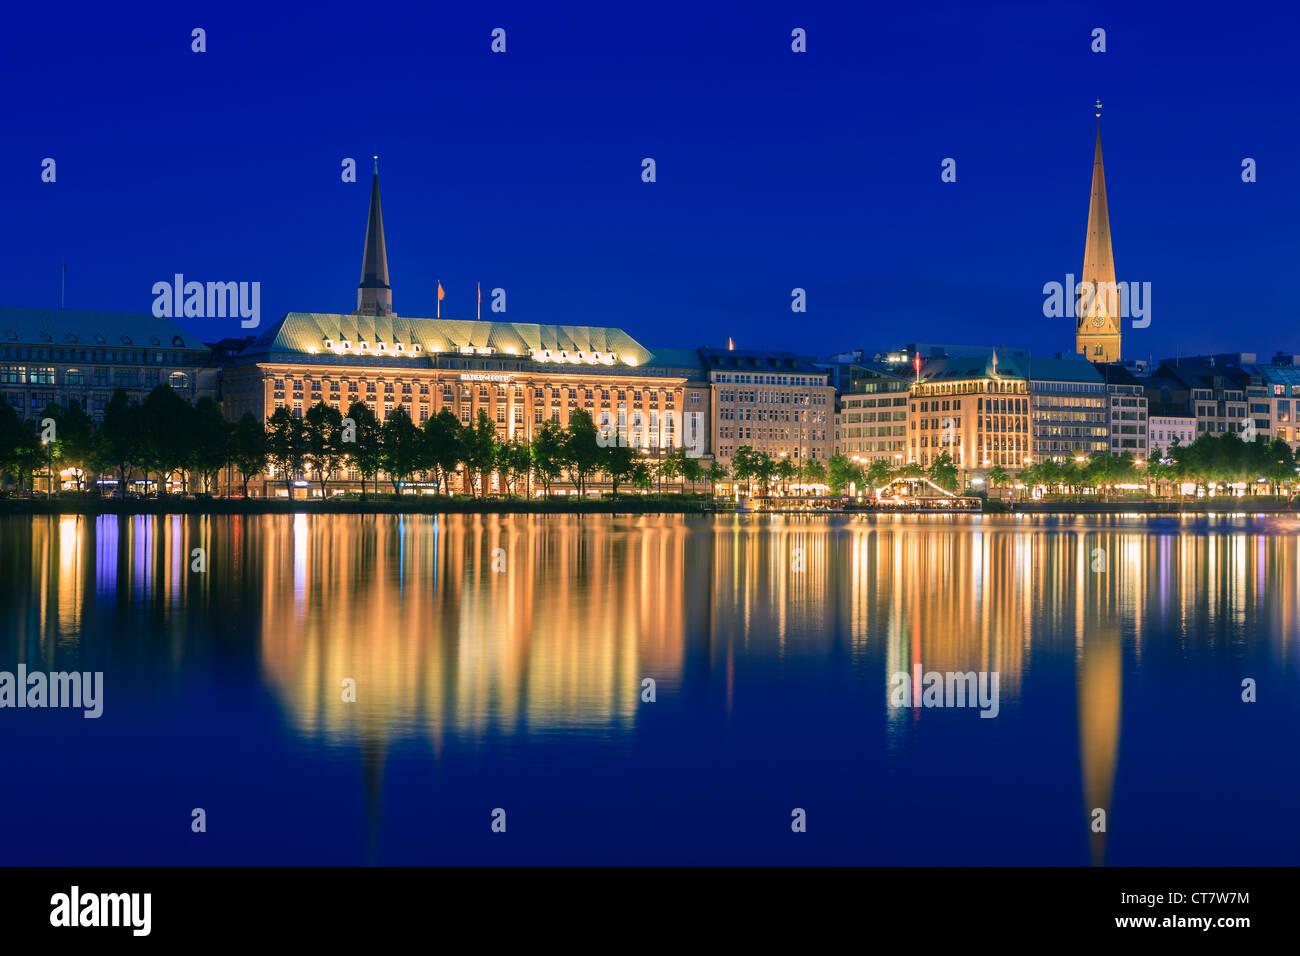 Lo skyline di Amburgo prese a destra dopo il tramonto al blue ora oltre il Binnenalster. Foto Stock